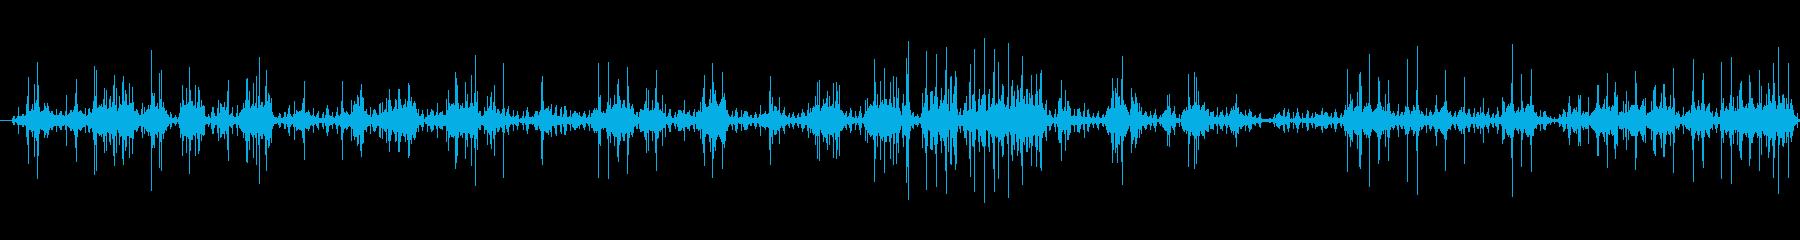 電気アーク:長いソフトバーストの再生済みの波形